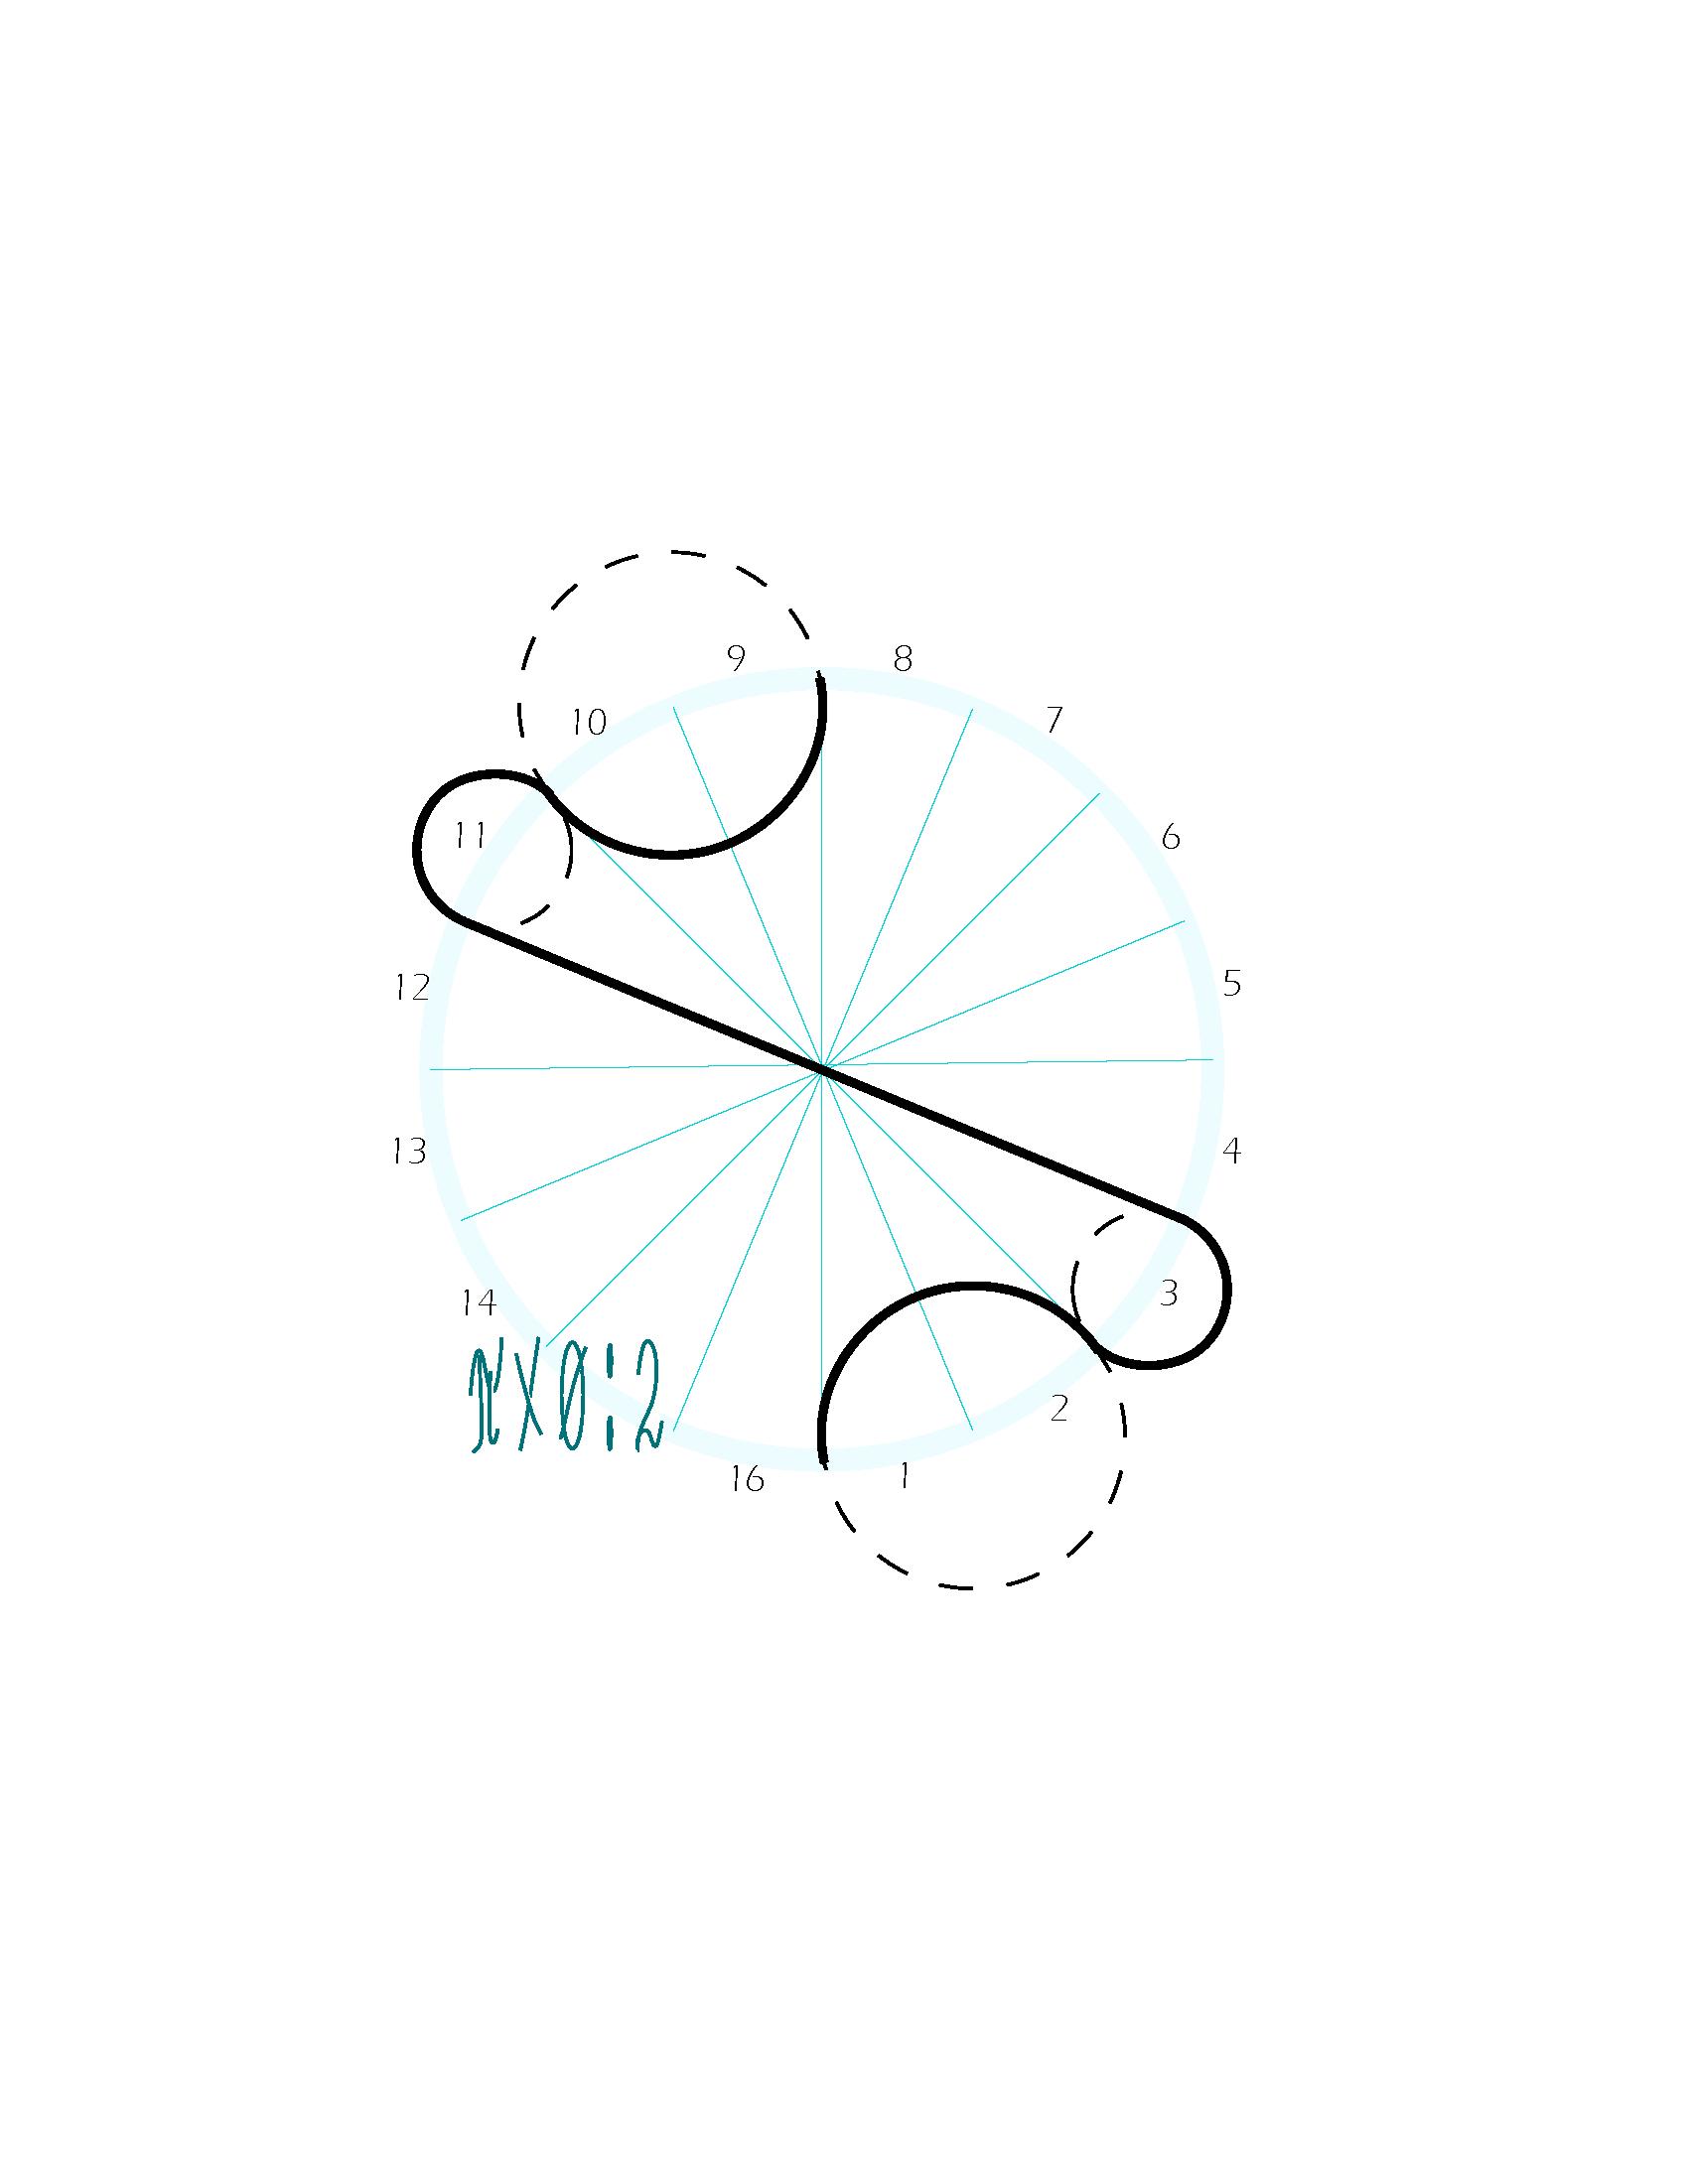 Formule van de berekening van object 3